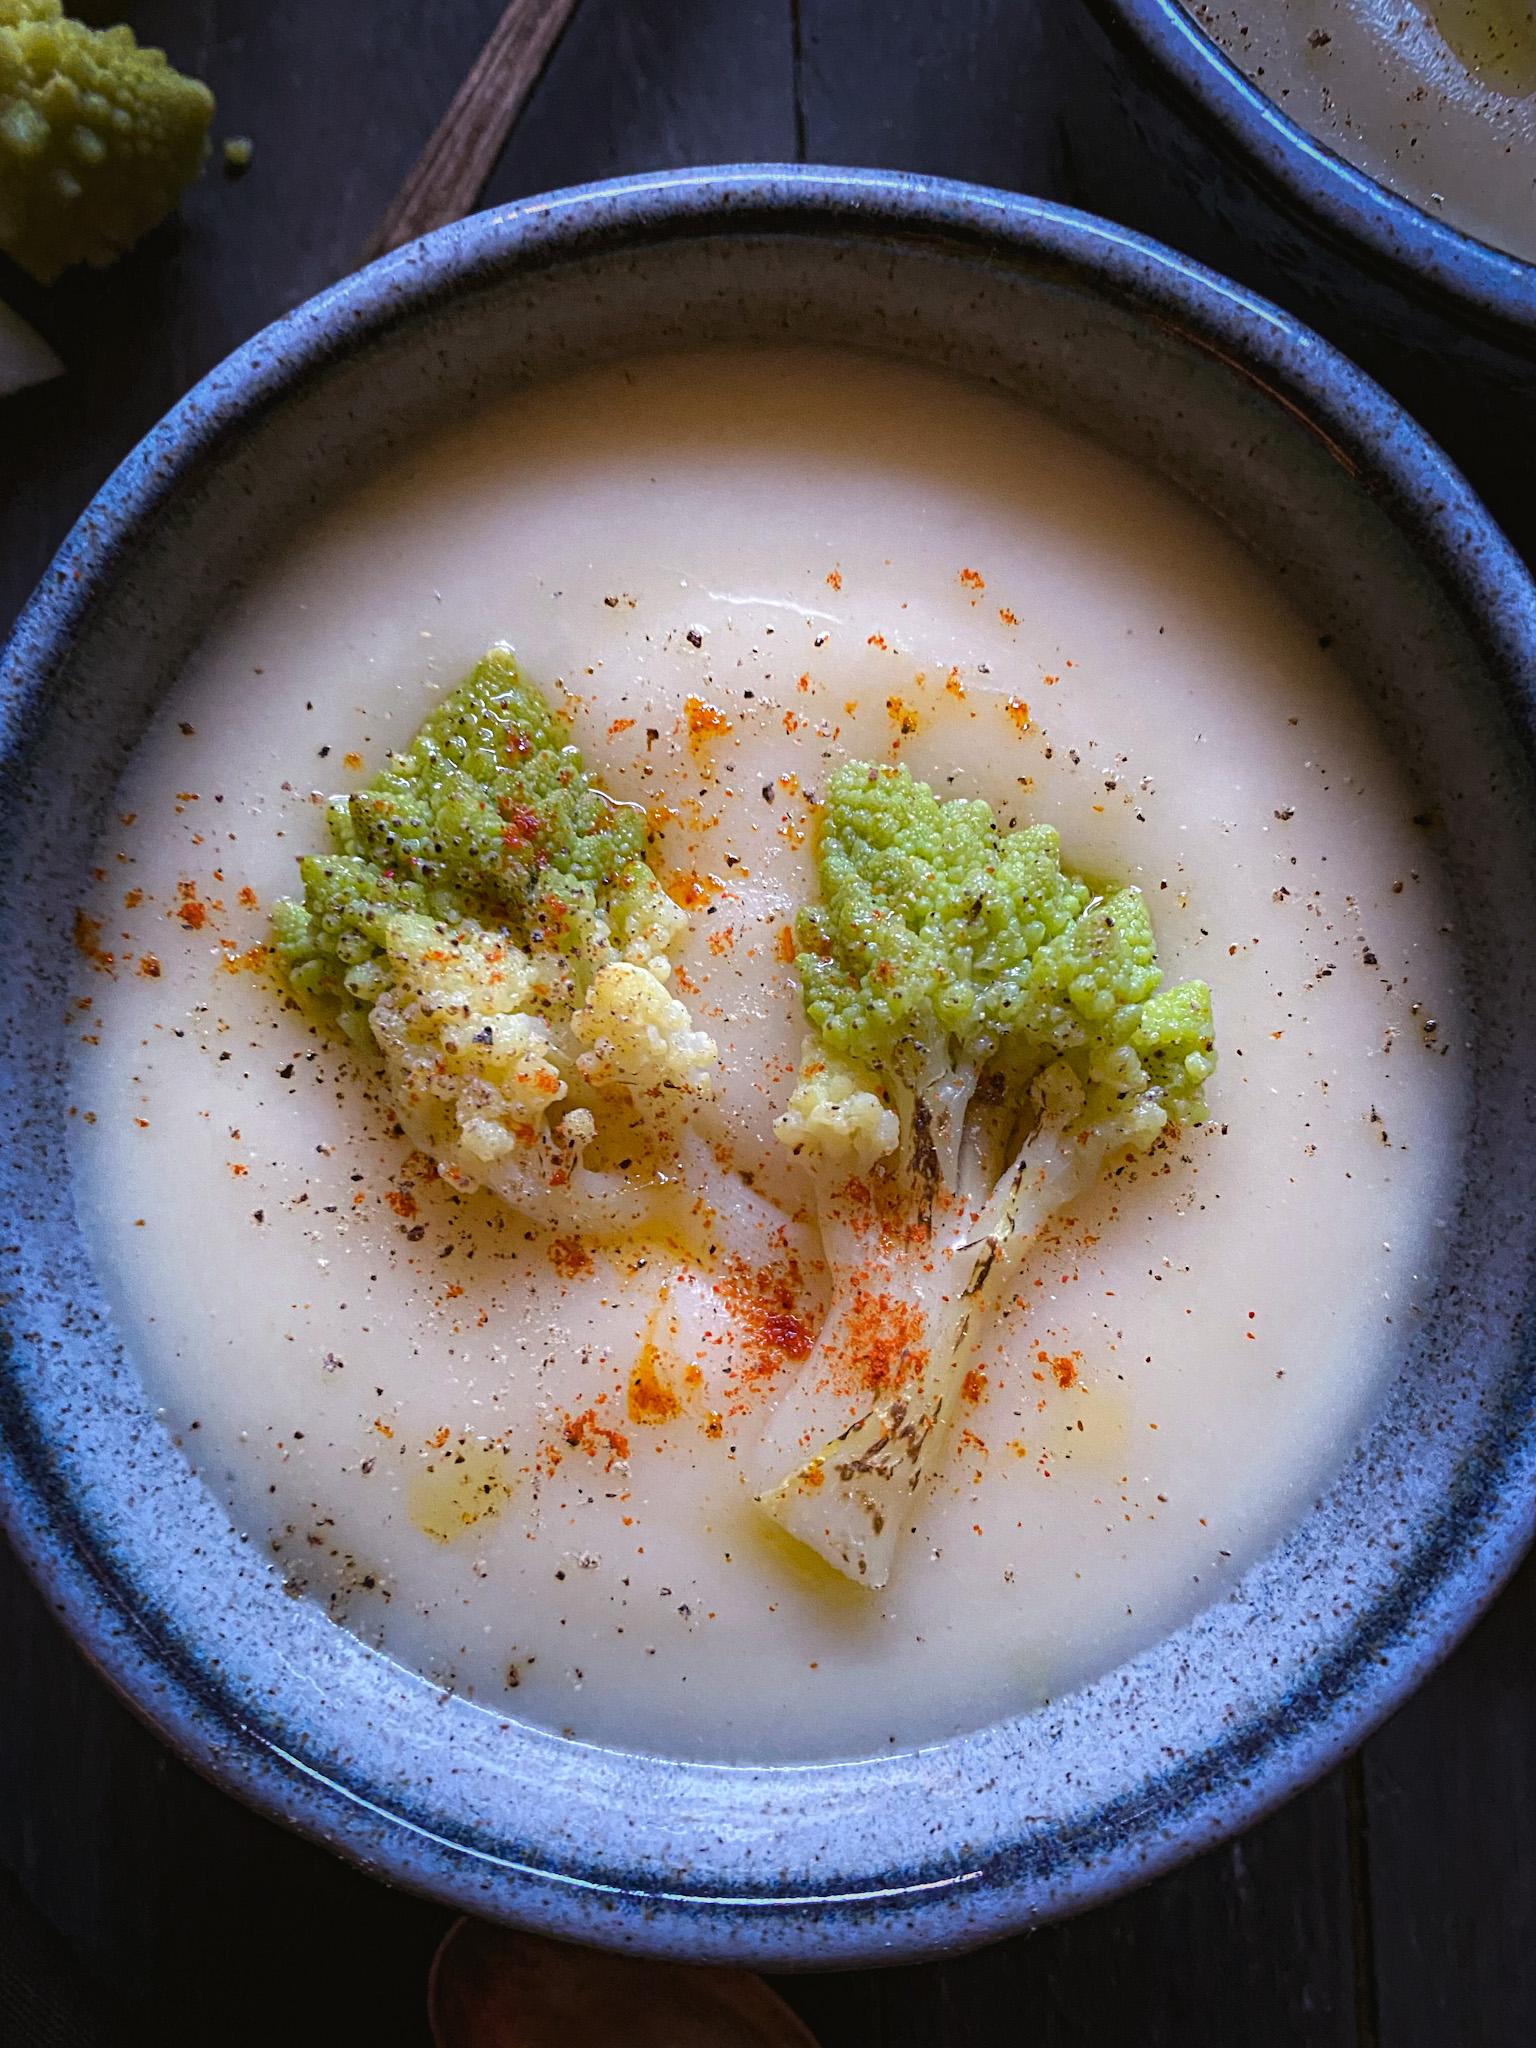 Lo ncucciato: l'acqua di cottura del broccolo trasformata in crema!